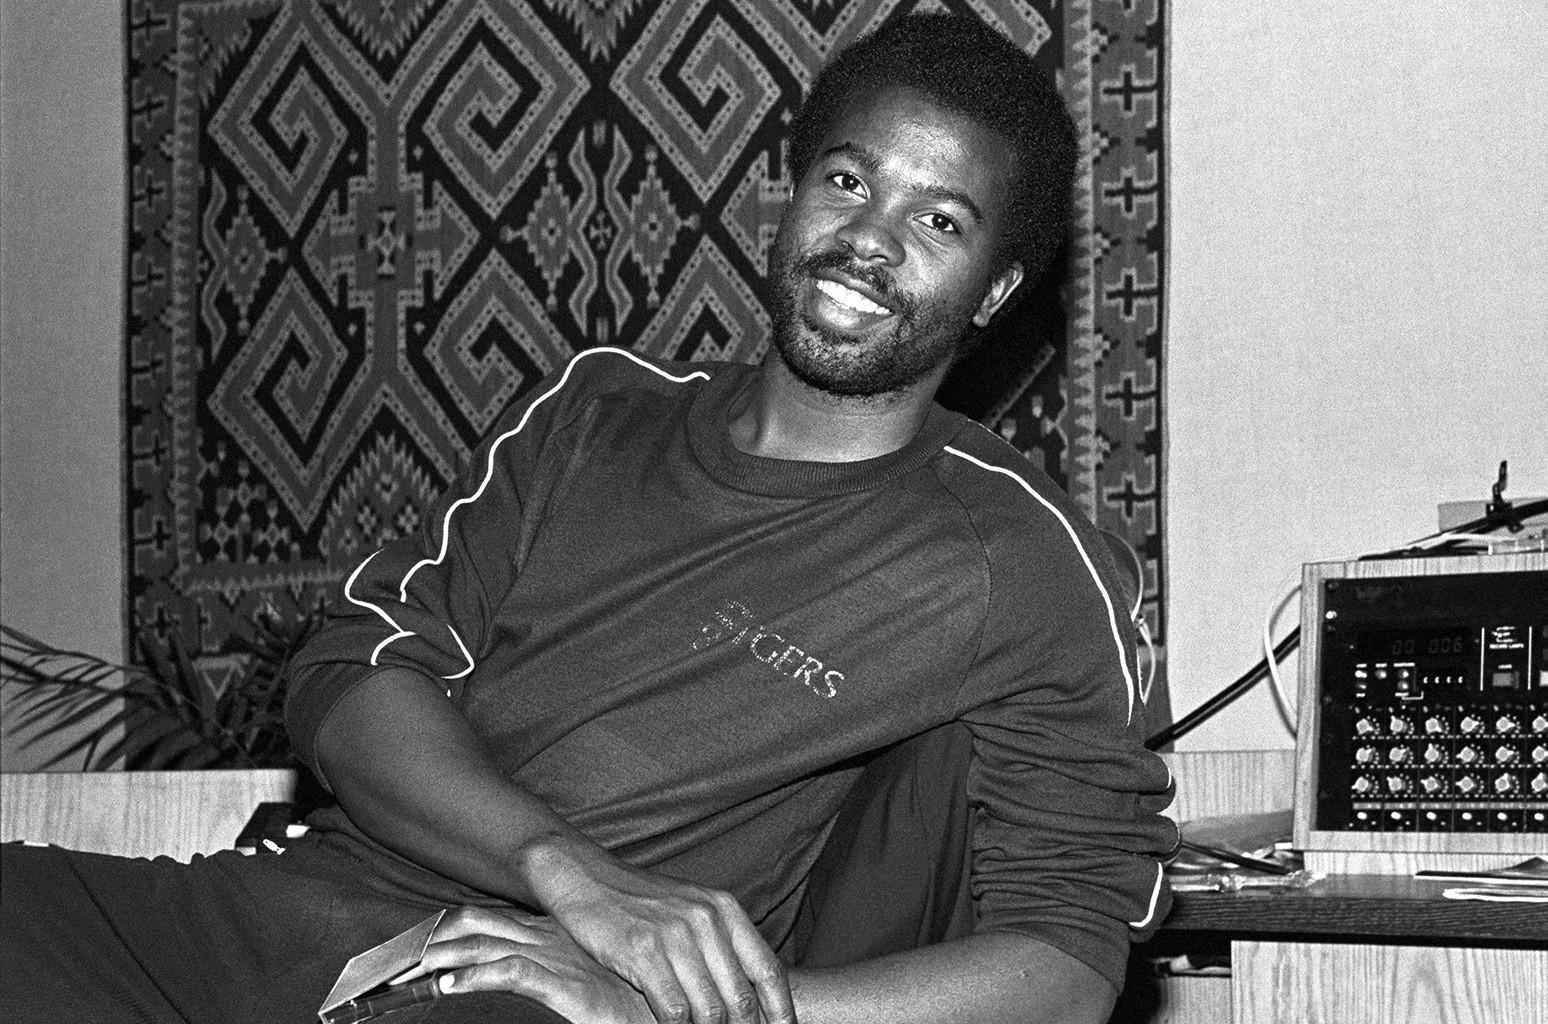 Kashif at Sigma Sound Studios in New York City on Nov. 4, 1981.